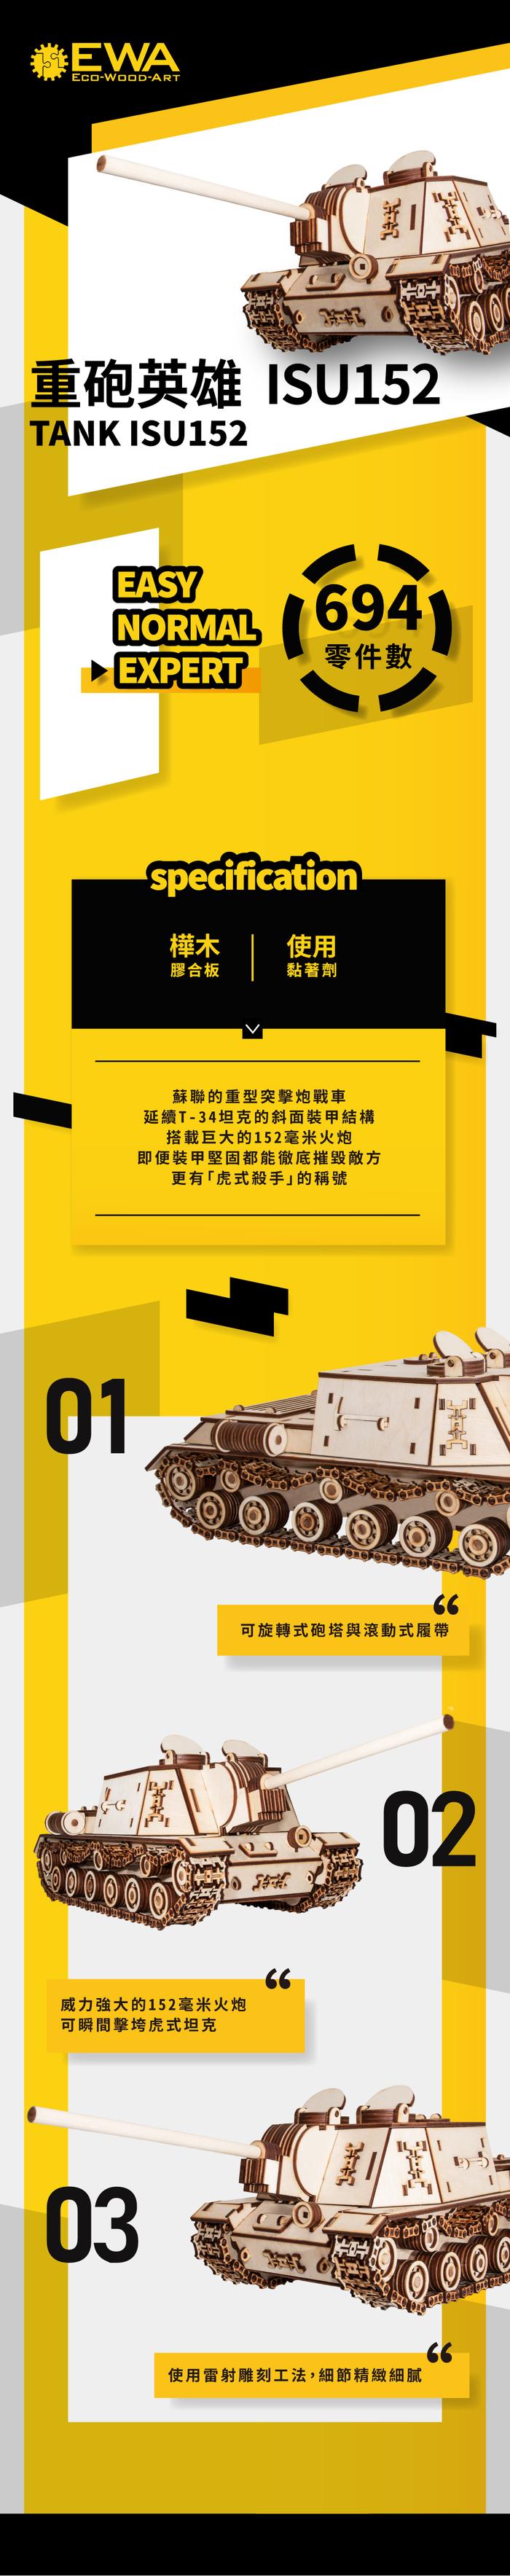 (複製)EWA|動力模型 - 克王者 獅式坦克